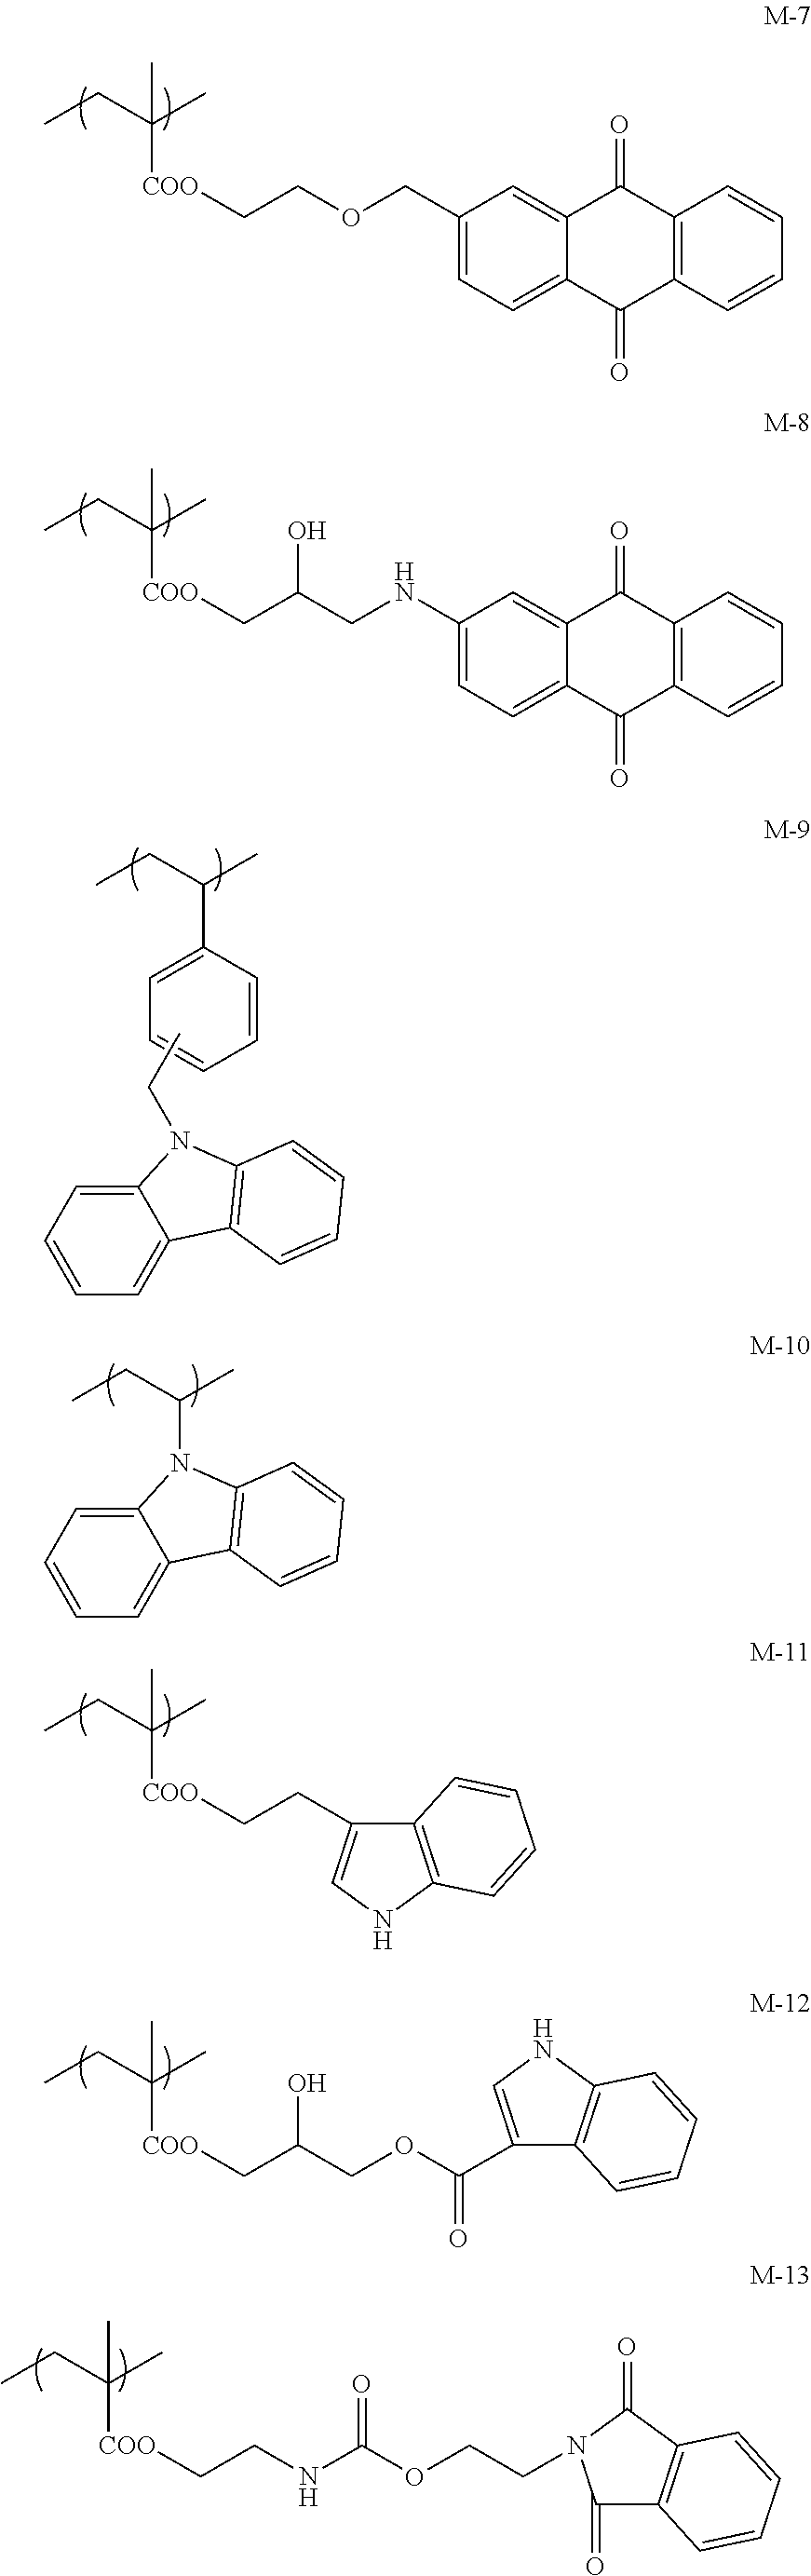 Figure US09714356-20170725-C00009